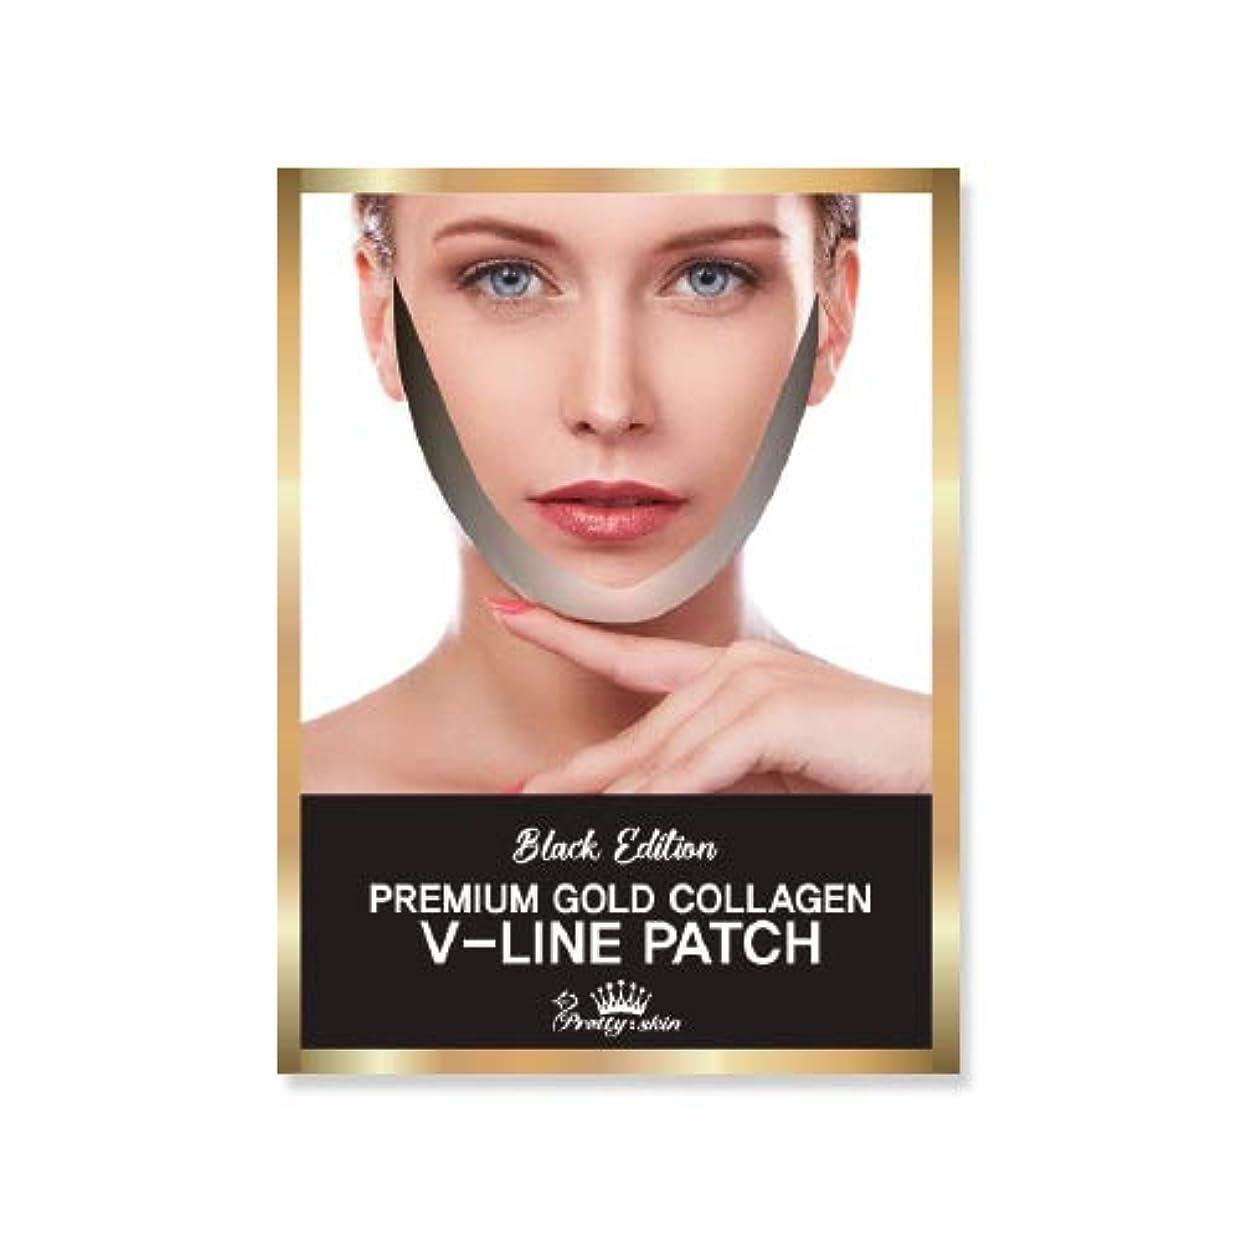 底担当者チャンピオンpretty skin プリティスキン V-LINE PATCH ブイラインパッチ リフトアップ マスク (5枚組, ブラック)